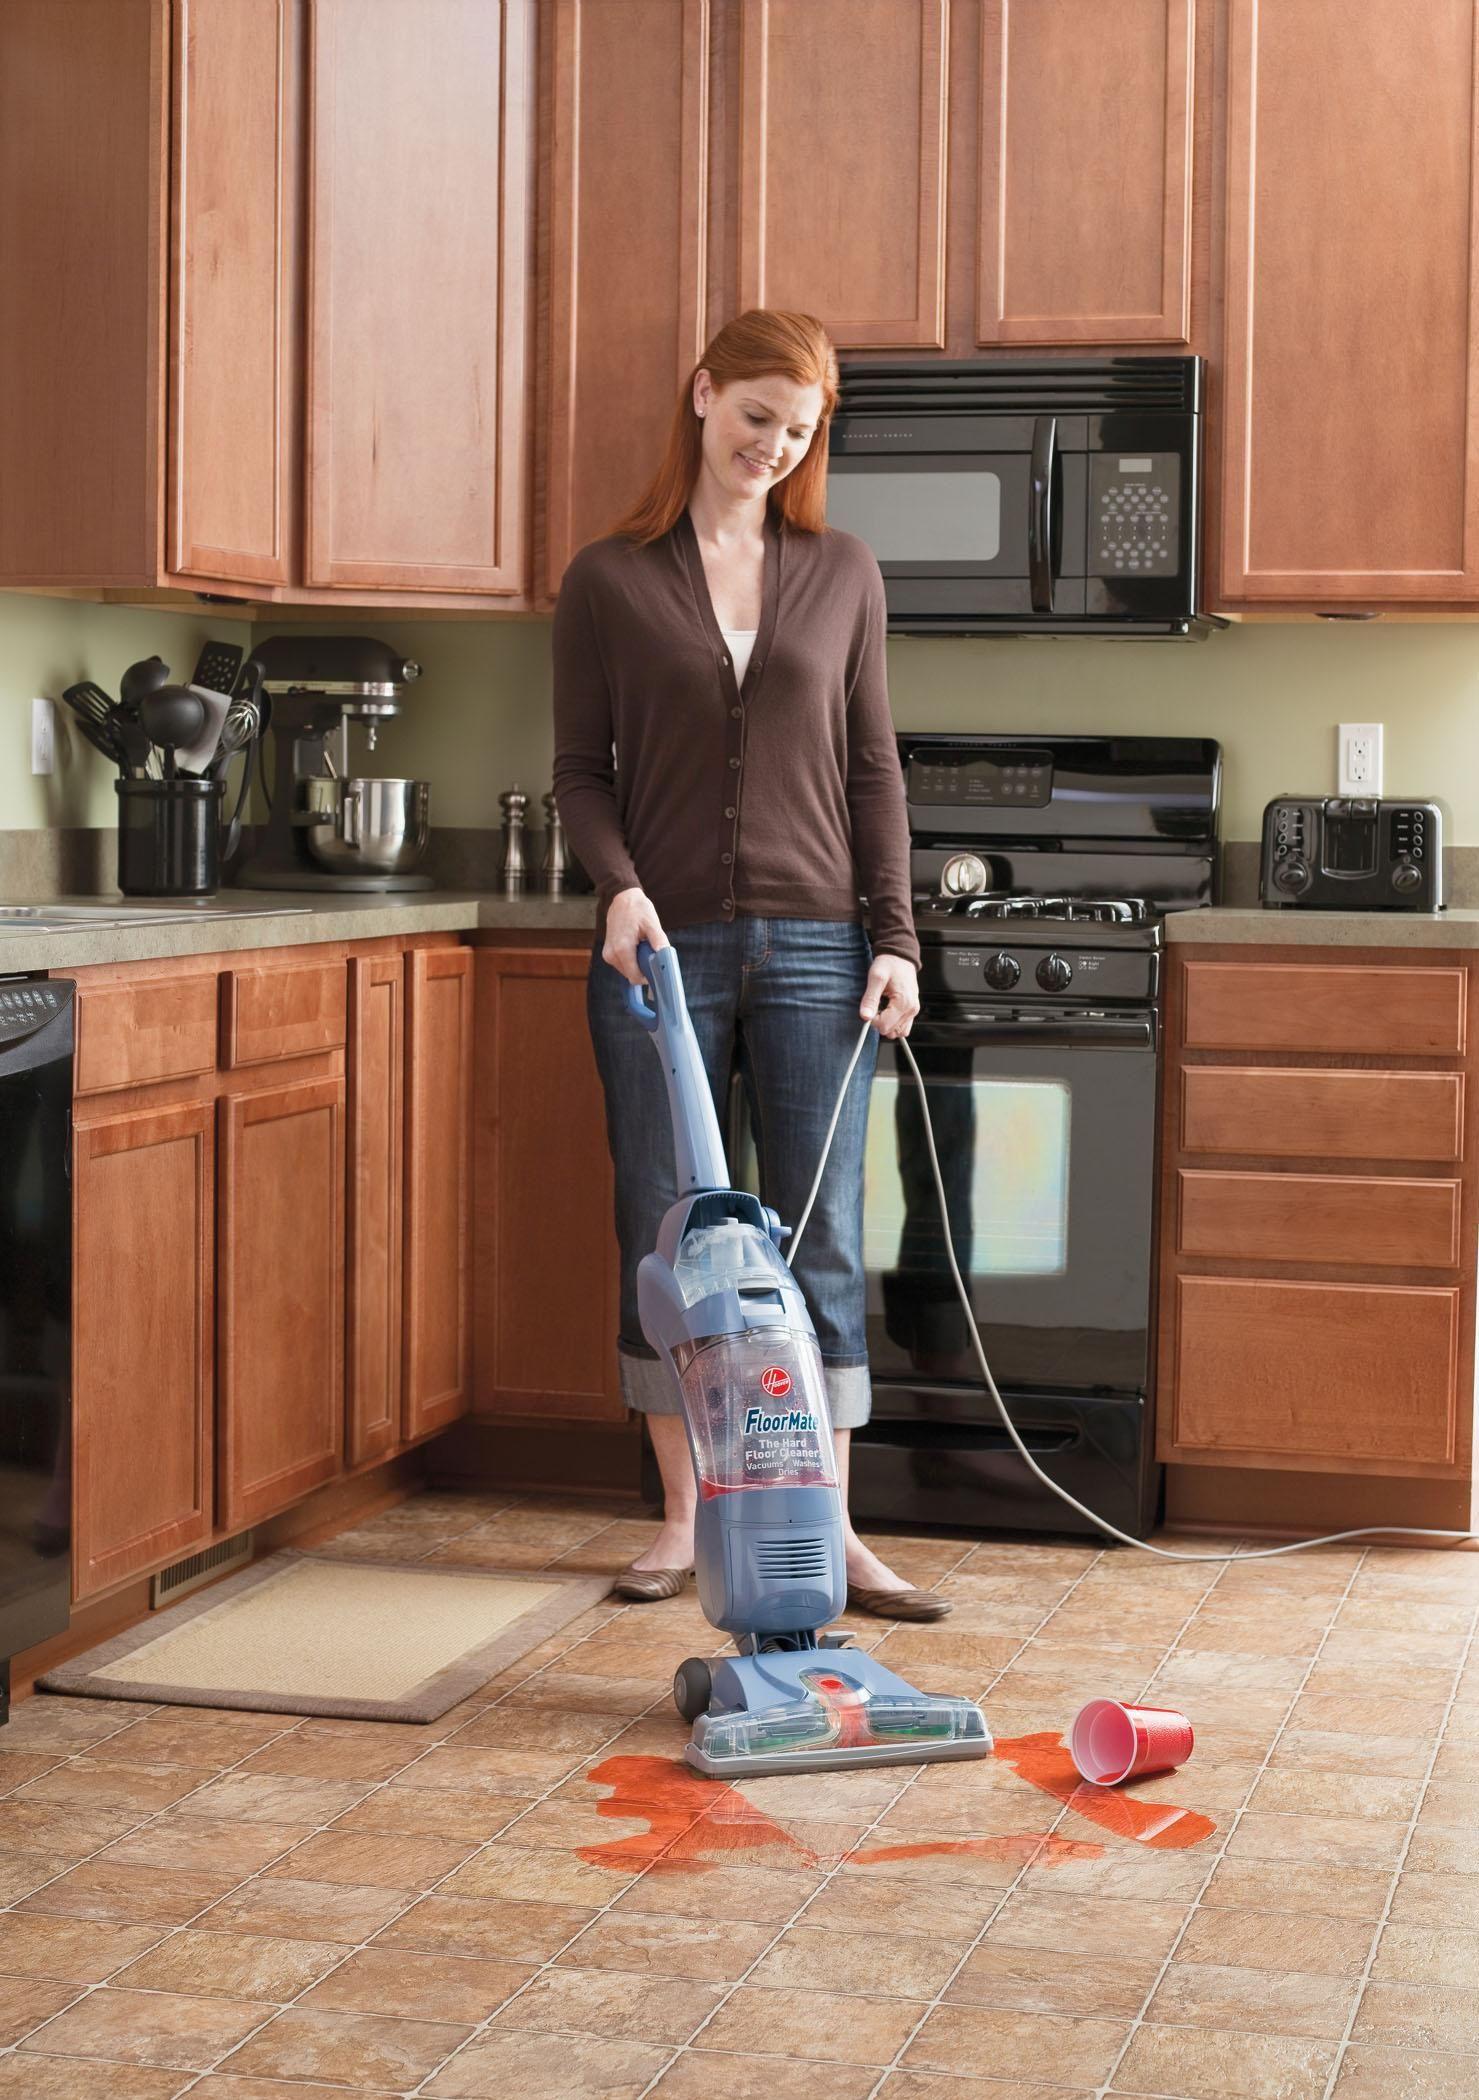 hoover hardwood floor cleaner floormate